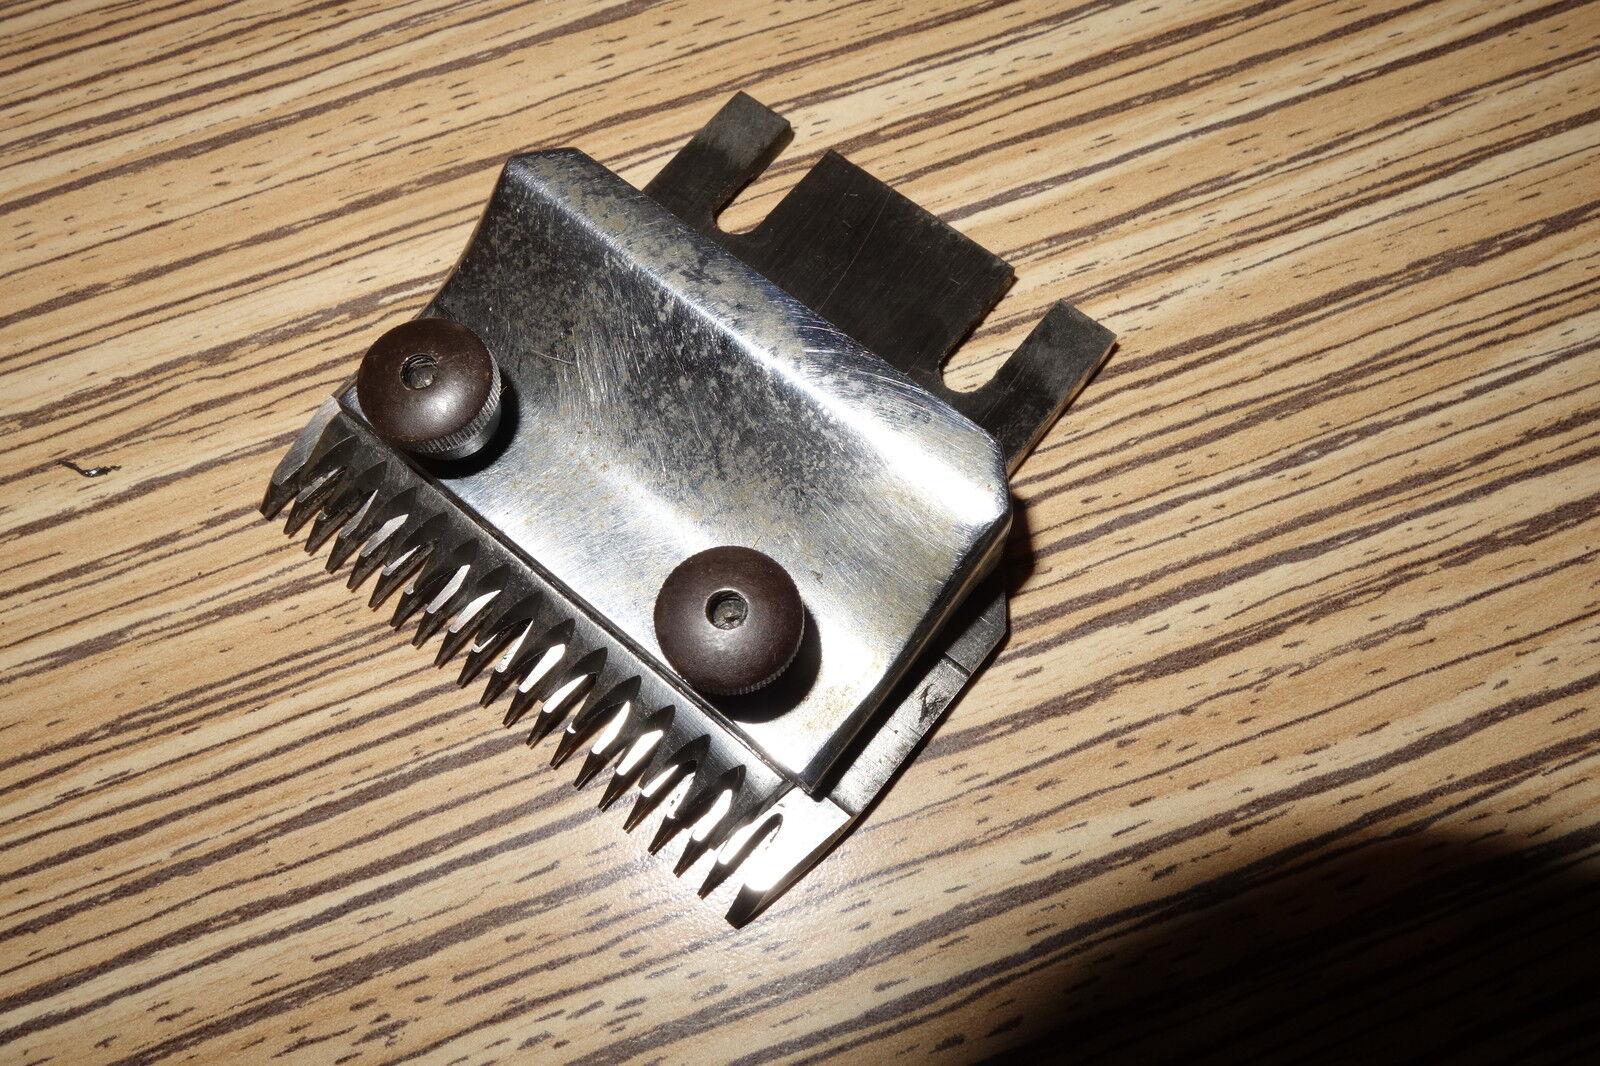 Hauptner Aufsatz  breit für Elektric Pferde Haarschneider Tierhaarschergerät.(72)  cost-effective